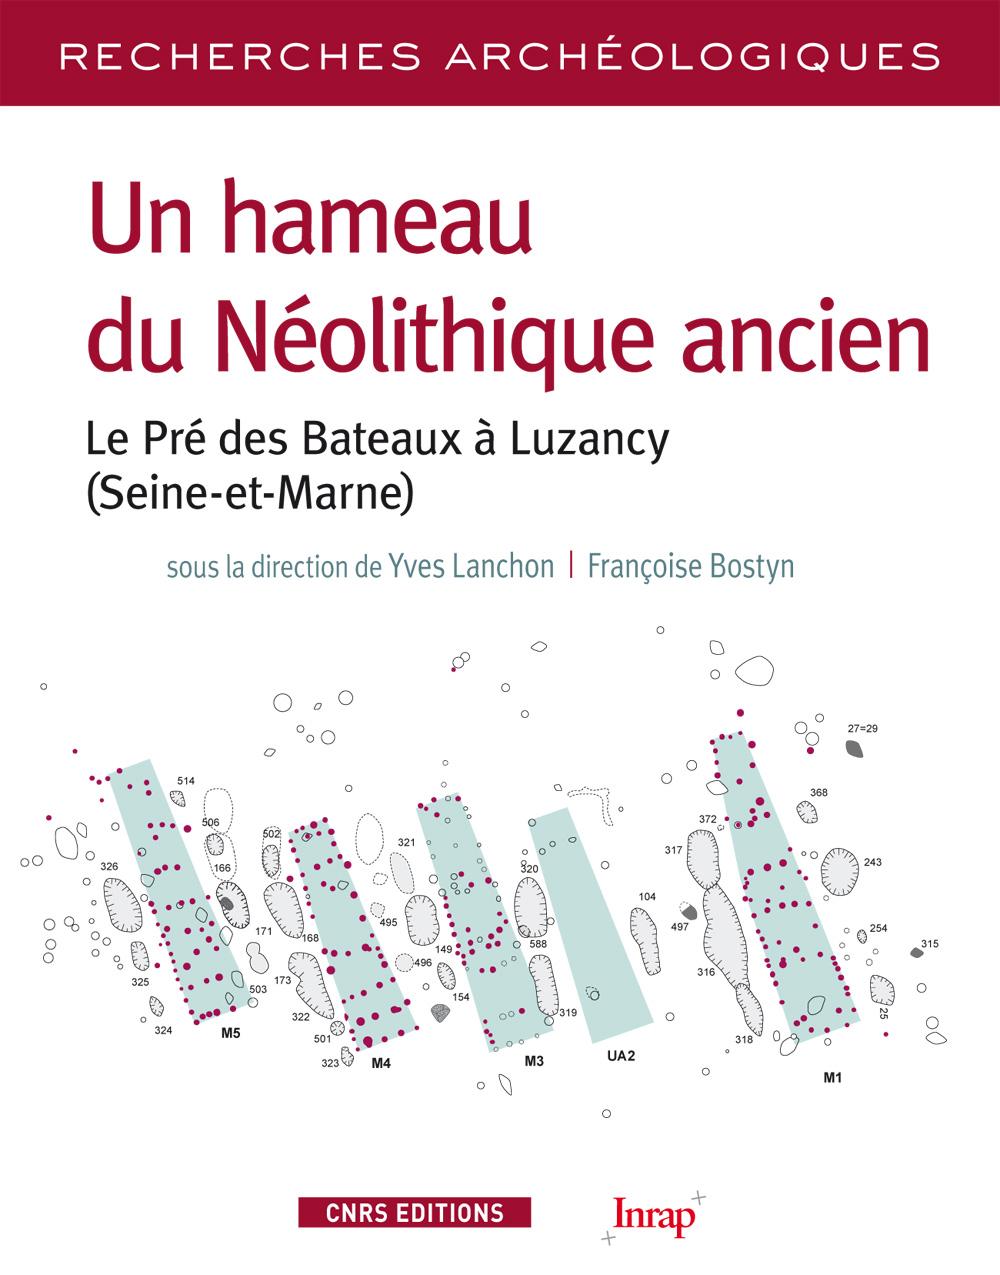 Un hameau du Néolithique ancien. Le Pré des Bateaux à Luzancy (Seine-et-Marne)